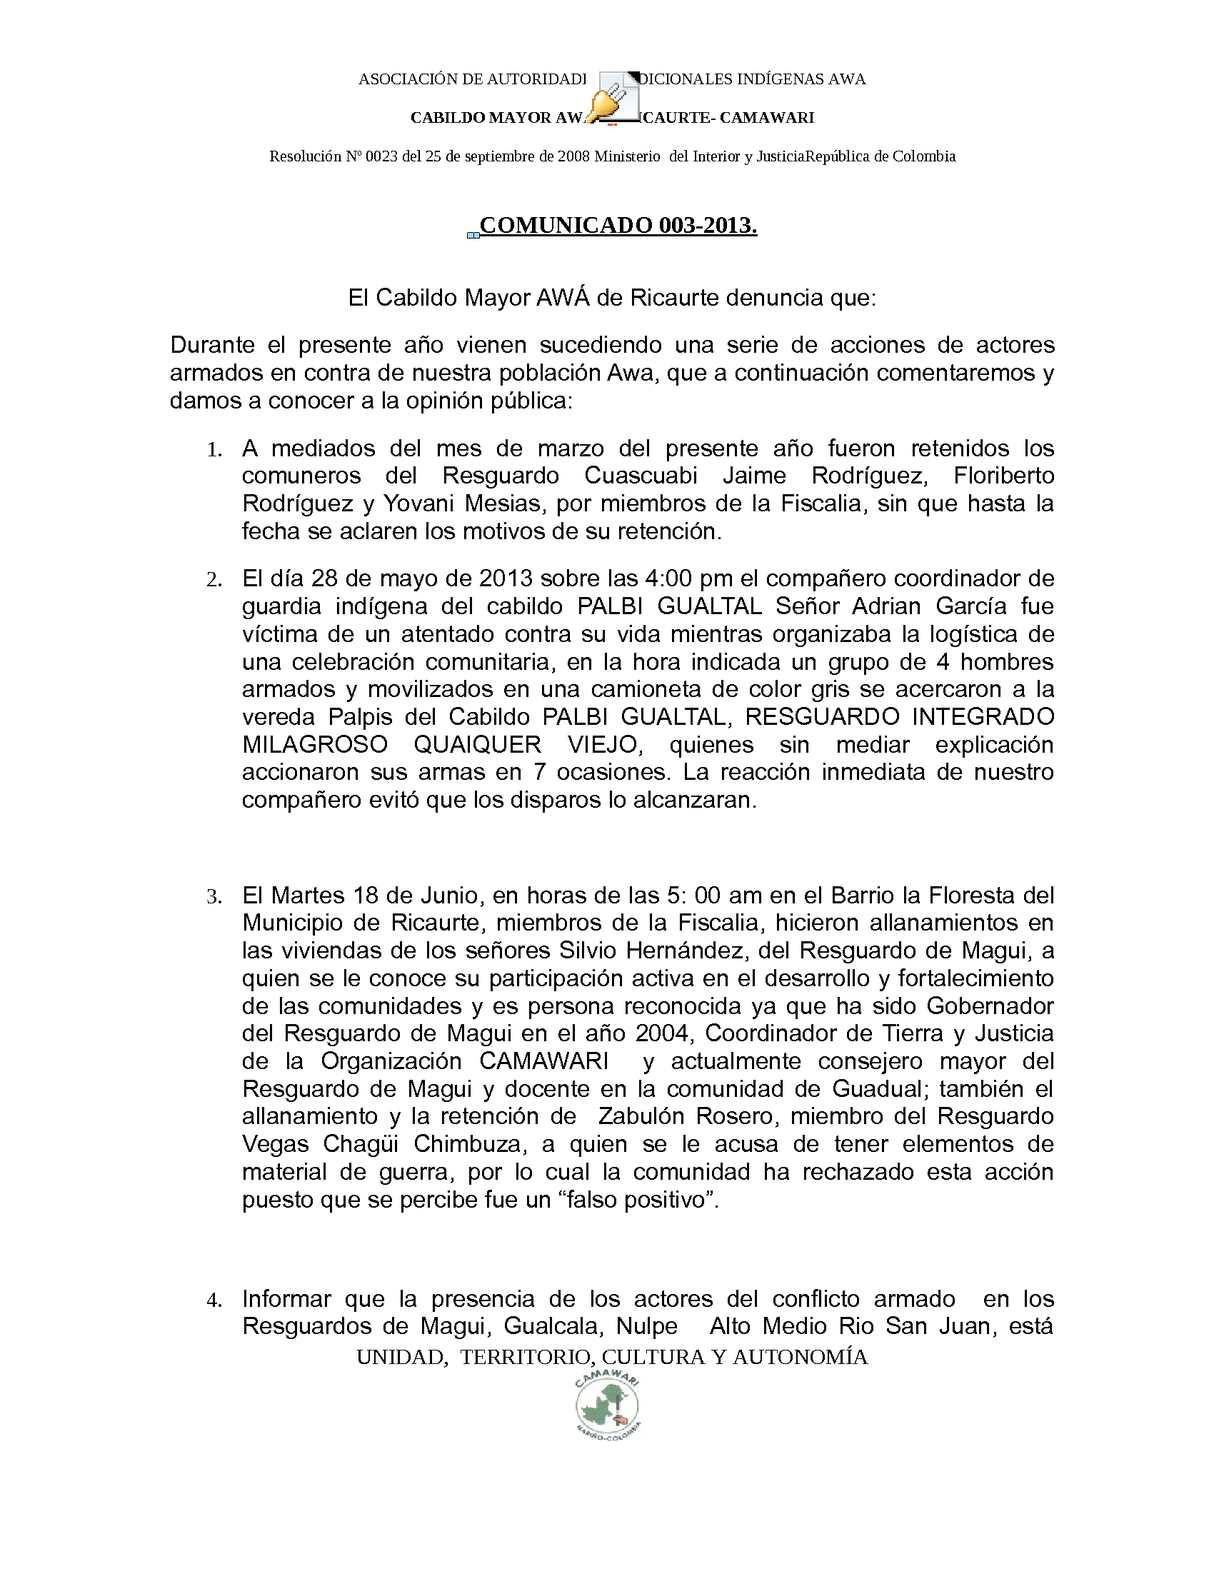 Calam O Comunicado Camawari 003 2013: comunicado ministerio del interior